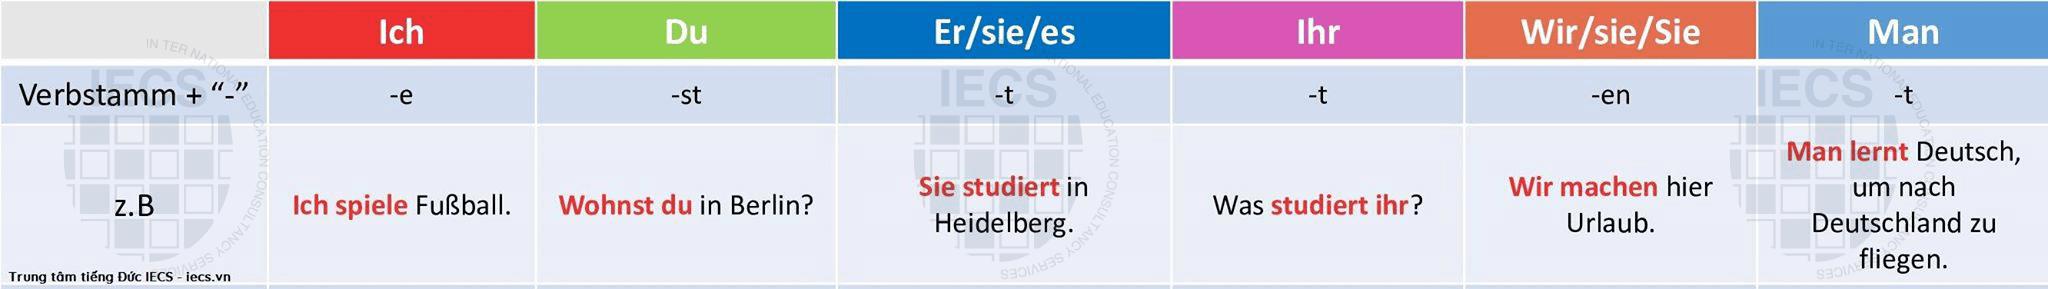 chia động từ trong tiếng Đức